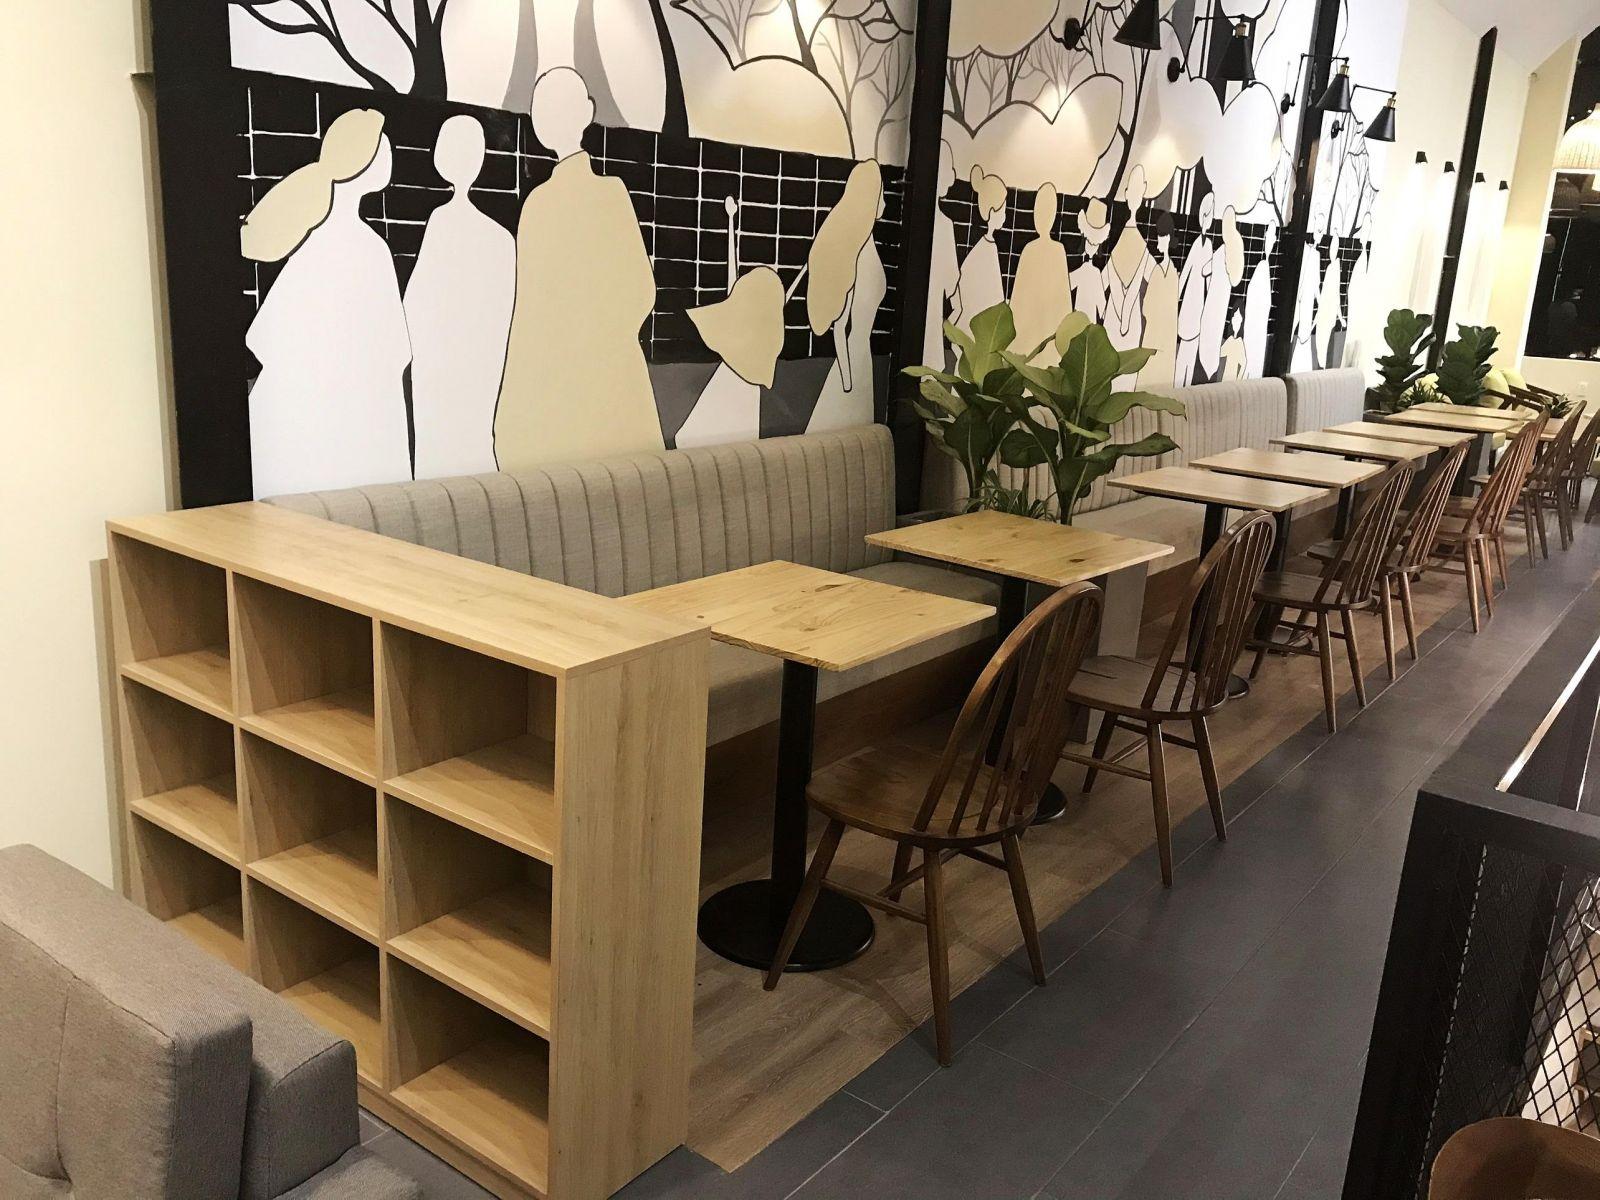 bày trí bàn ghế nội thất quán cafe nhà thép tiền chế